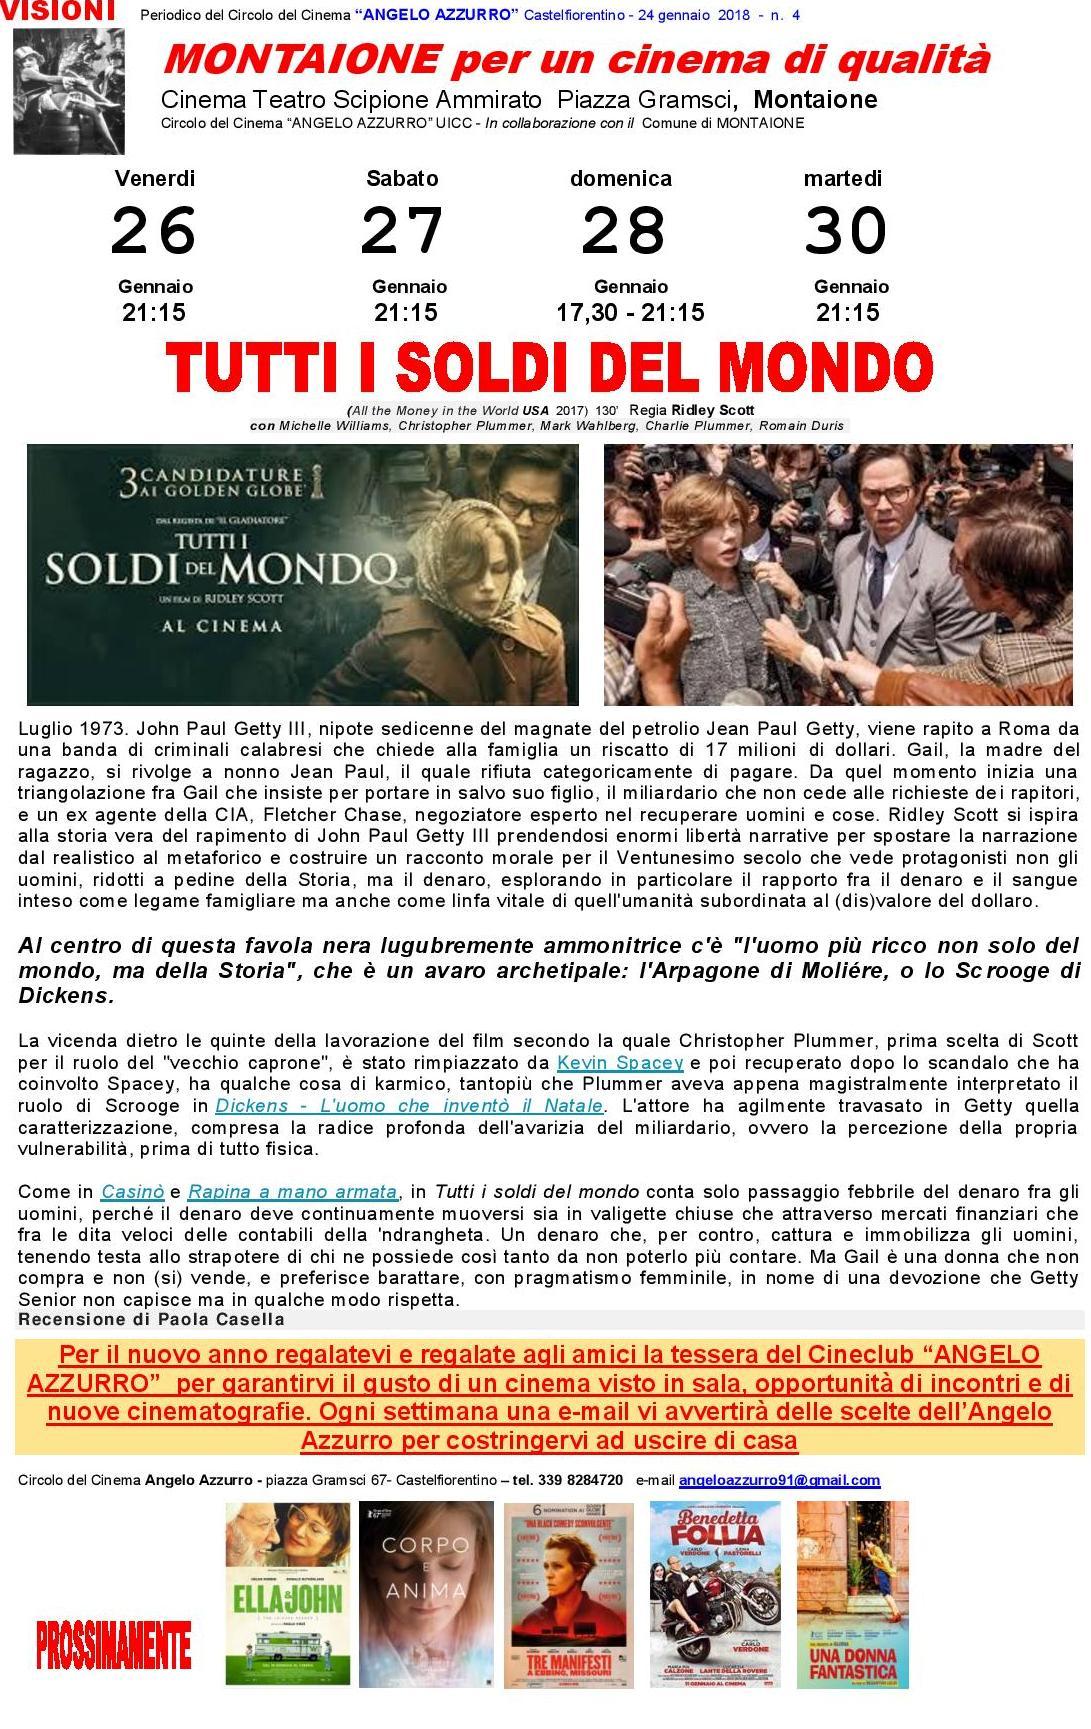 TUTTI I SOLDI DEL MONDO -1-